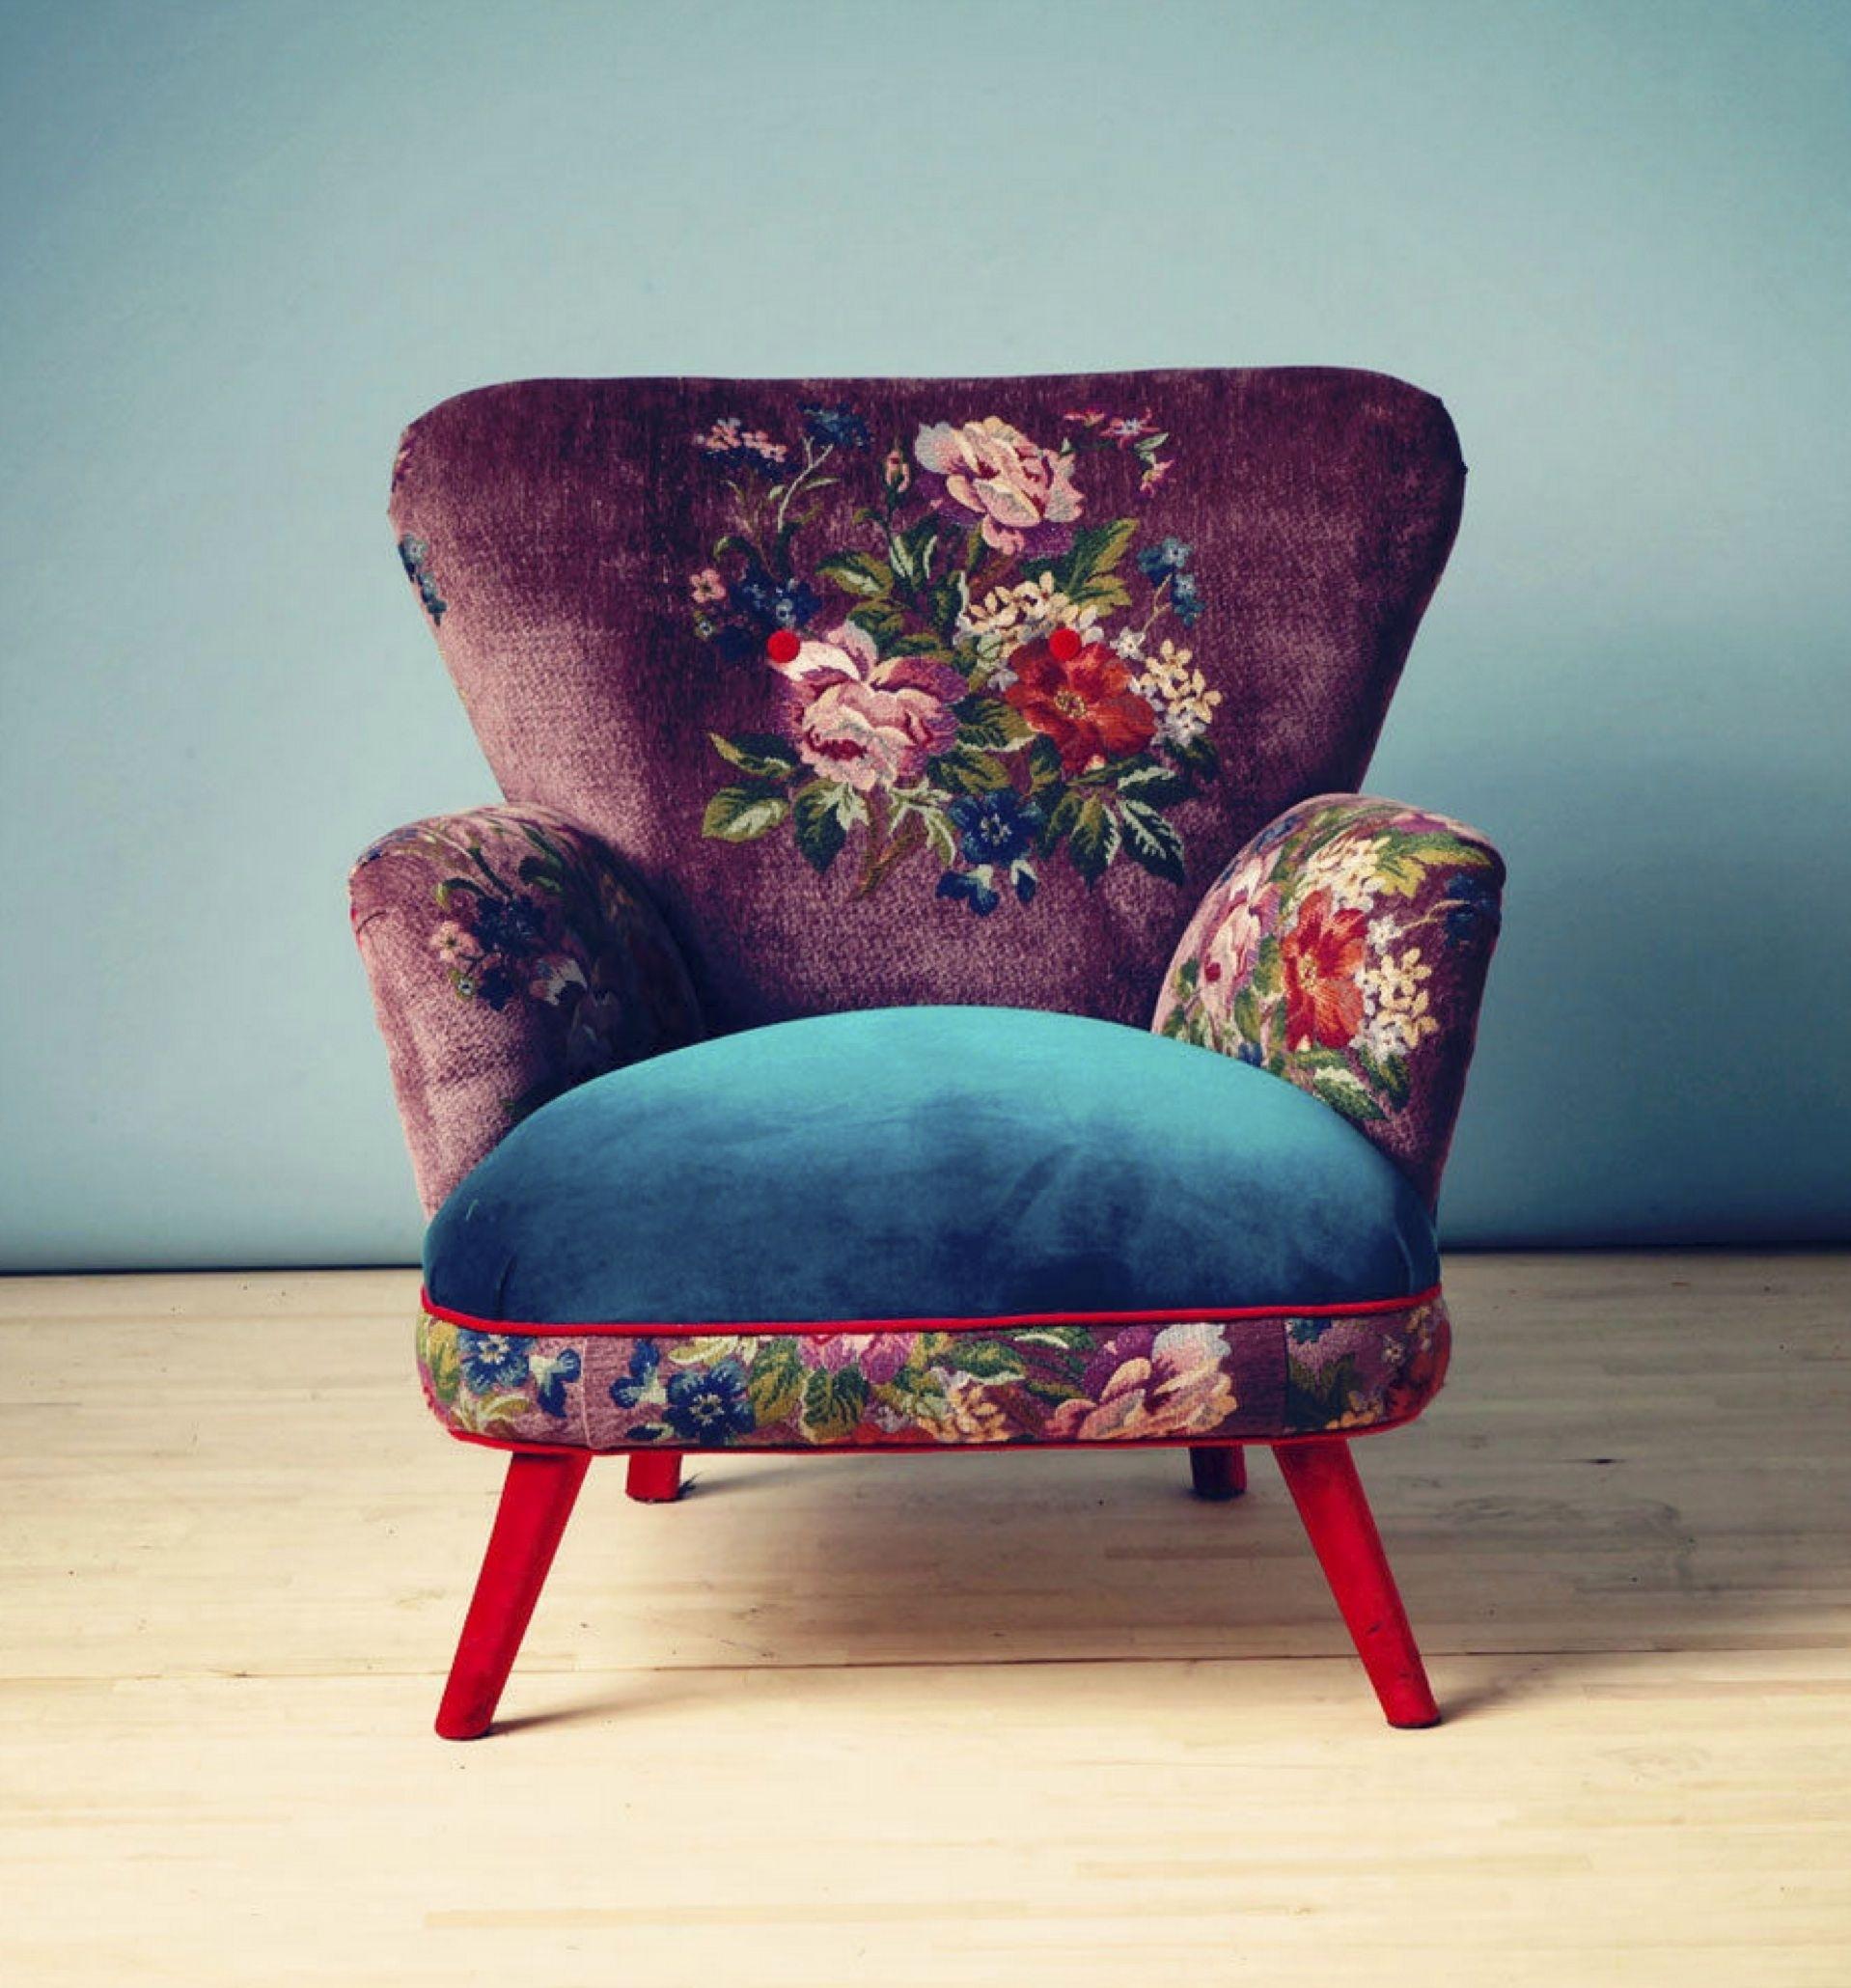 Purple Velvet Chair Ideas On Foter